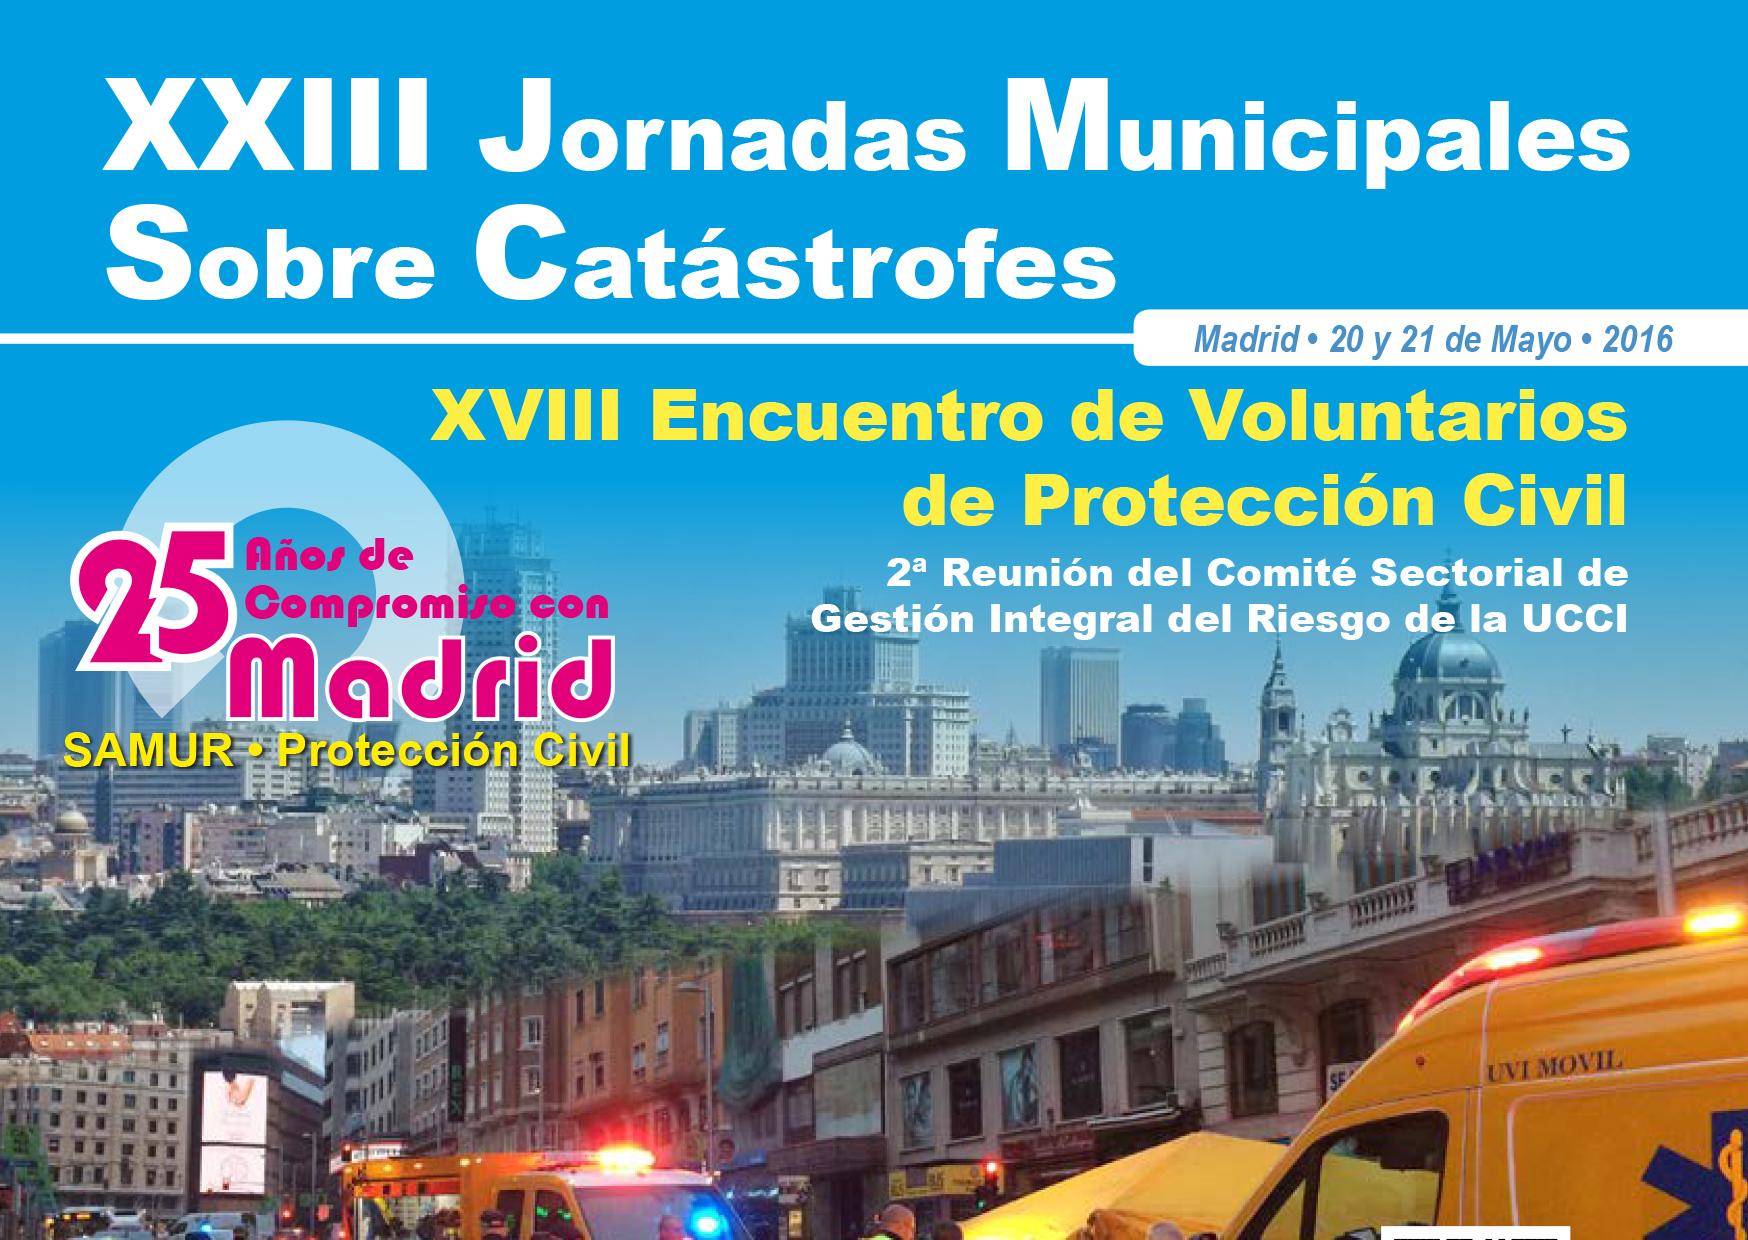 SAMUR - Protección Civil de Madrid celebra sus 25 años con unas jornadas sobre catástrofes